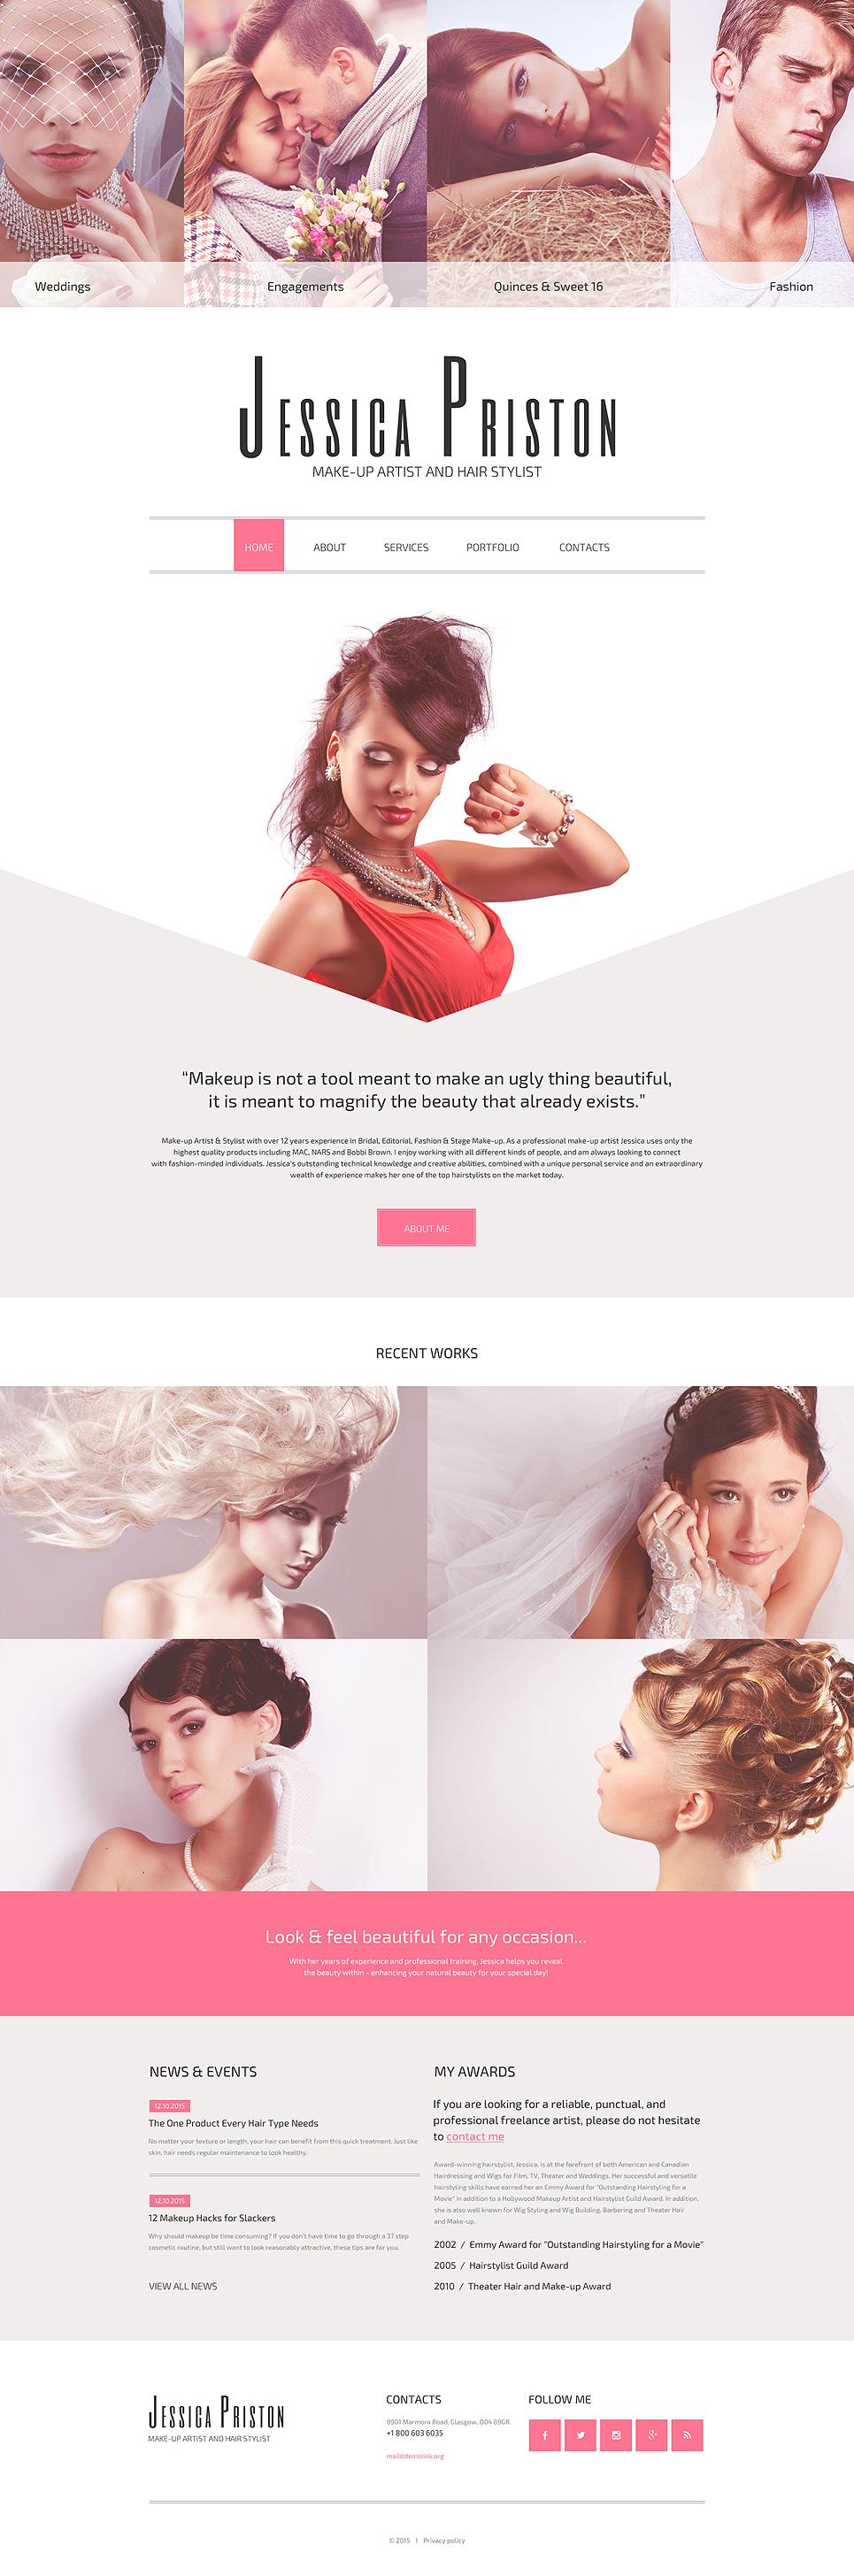 Make-up Artist template illustration image